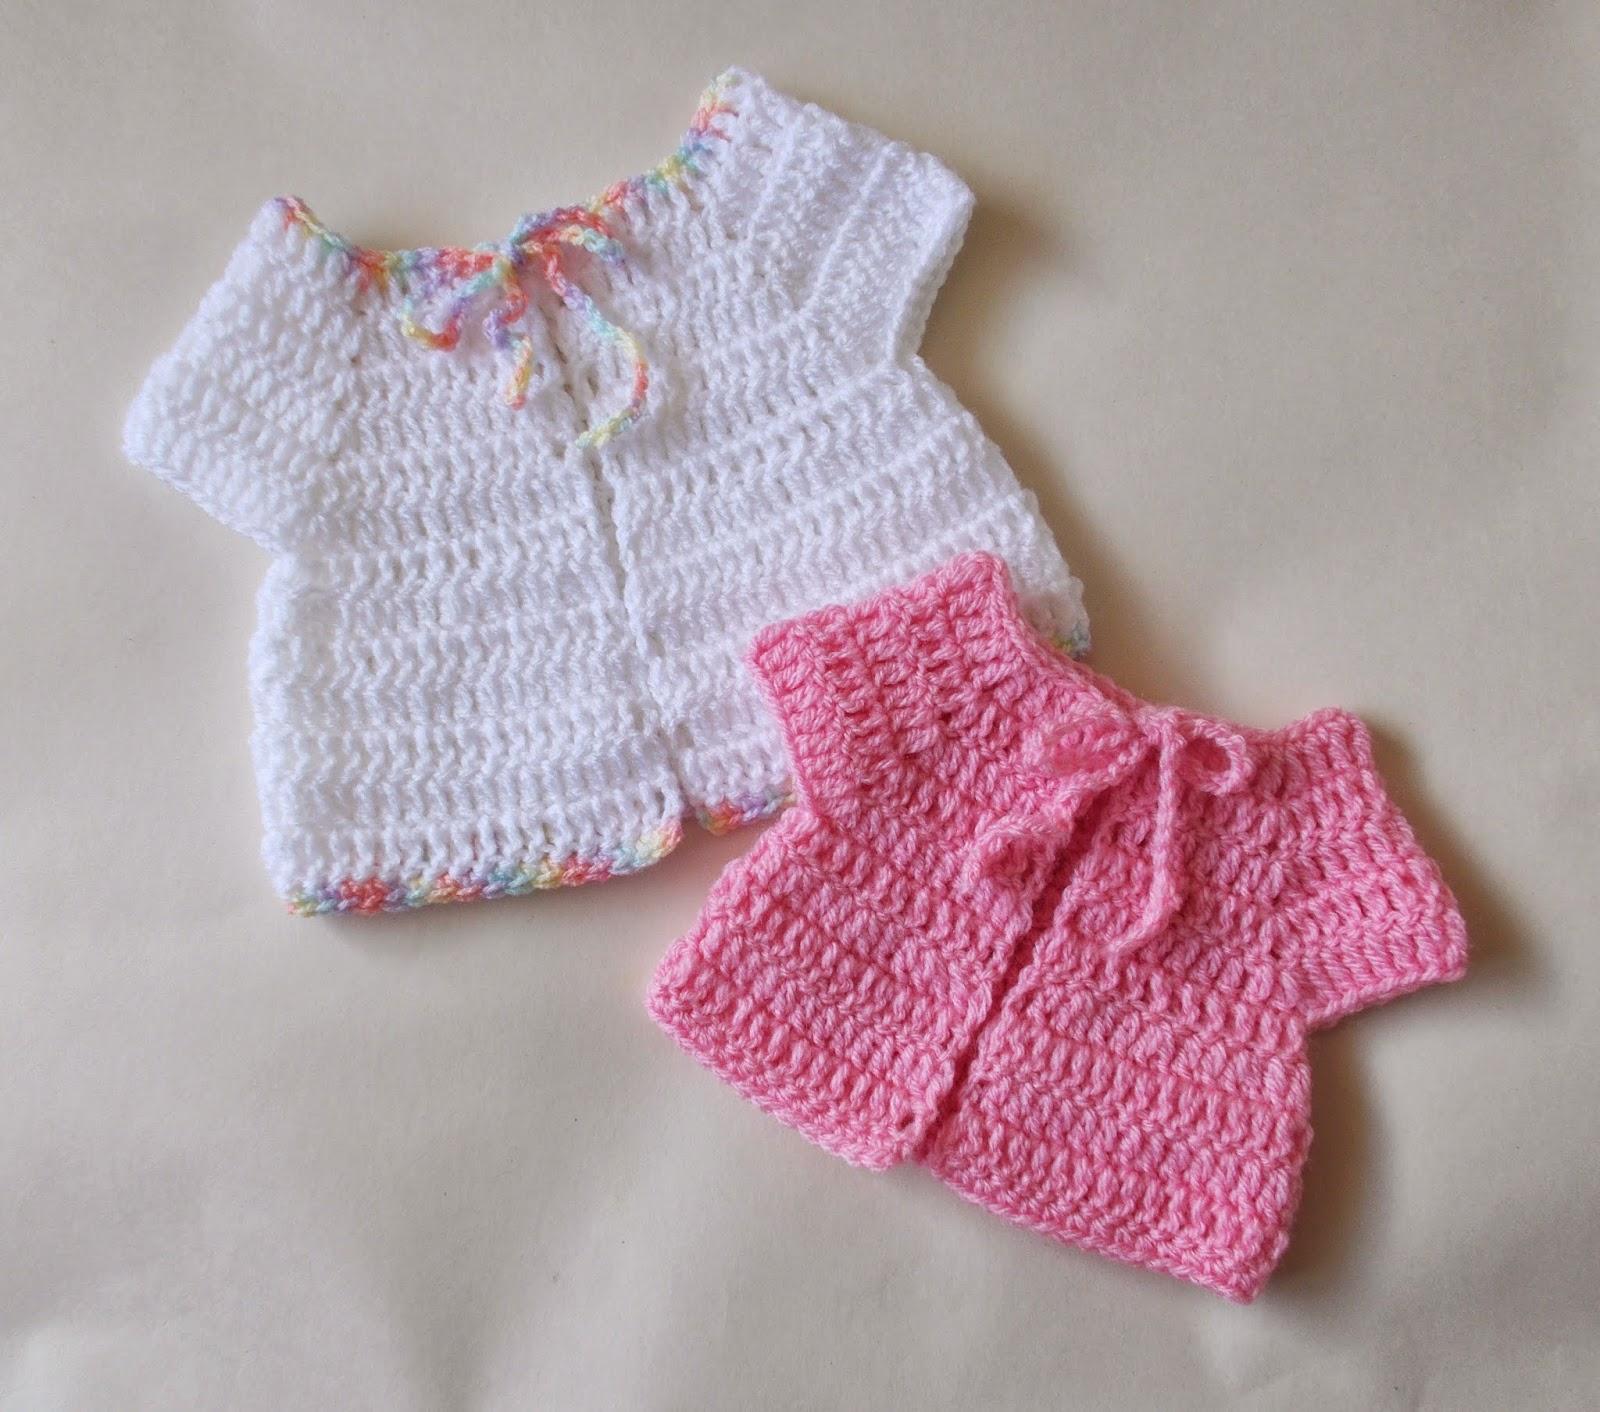 mariannas lazy daisy days: Premature Baby Crochet Baby Jacket